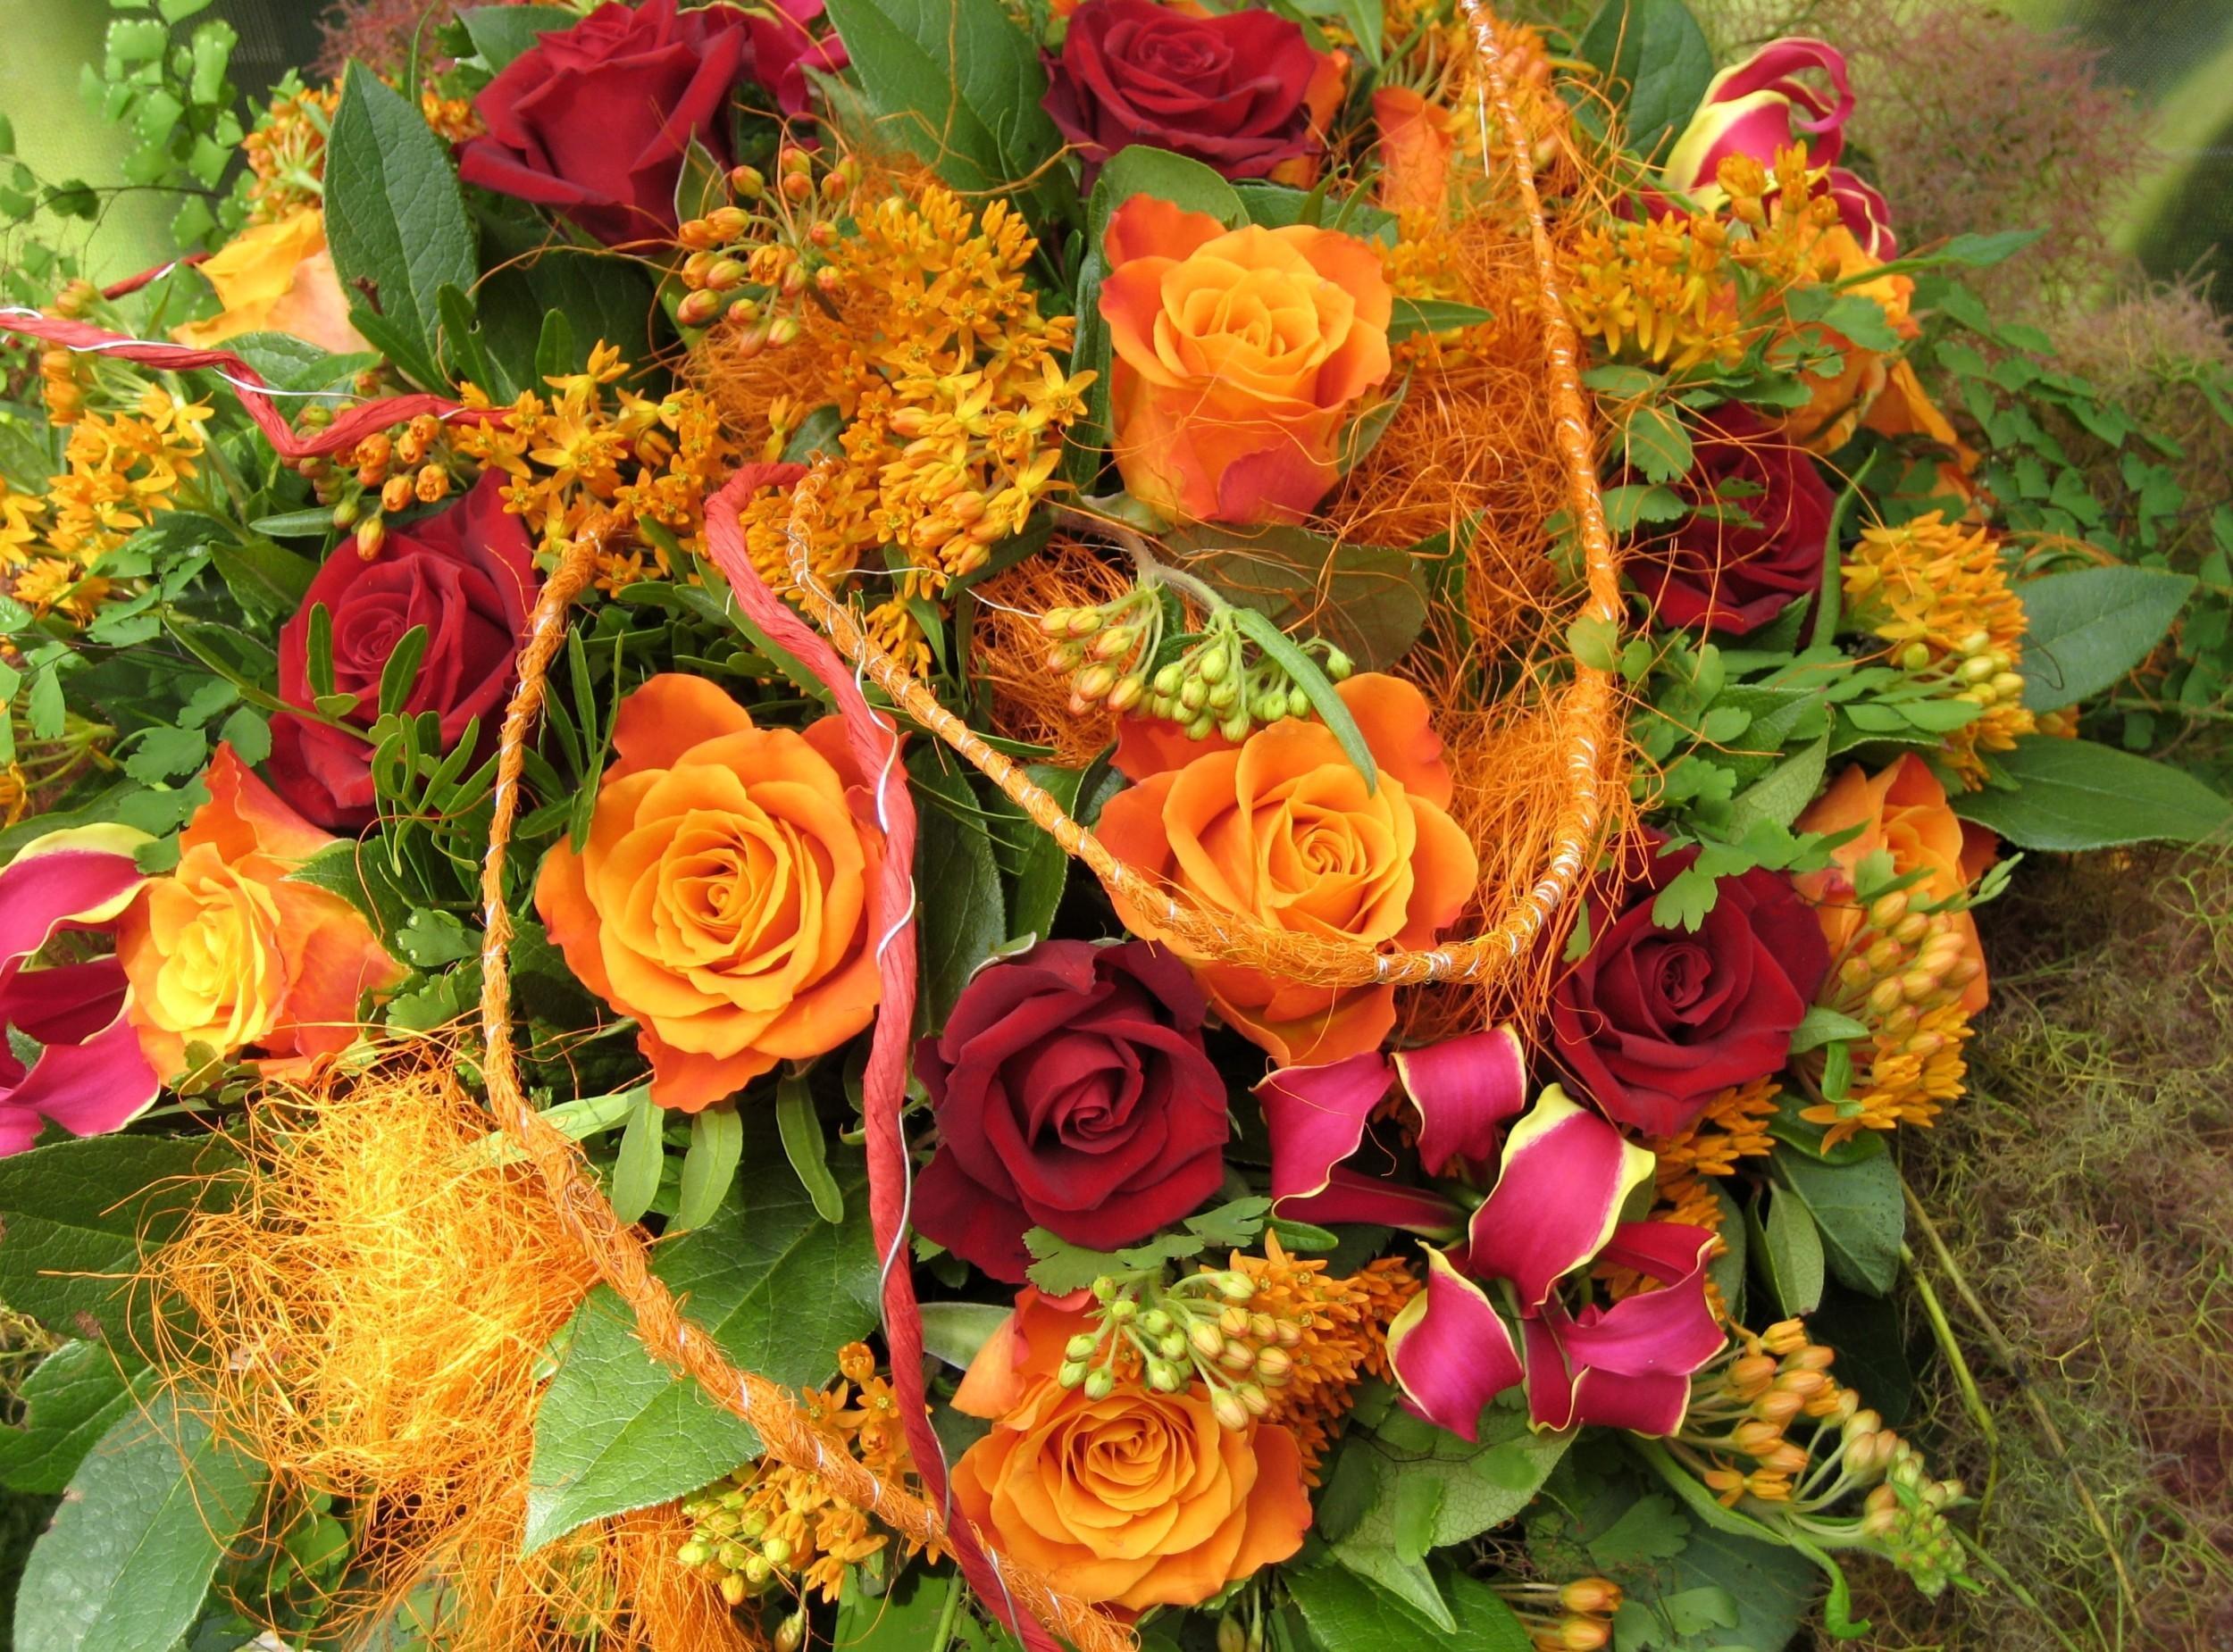 осенние фото с цветами традиционным